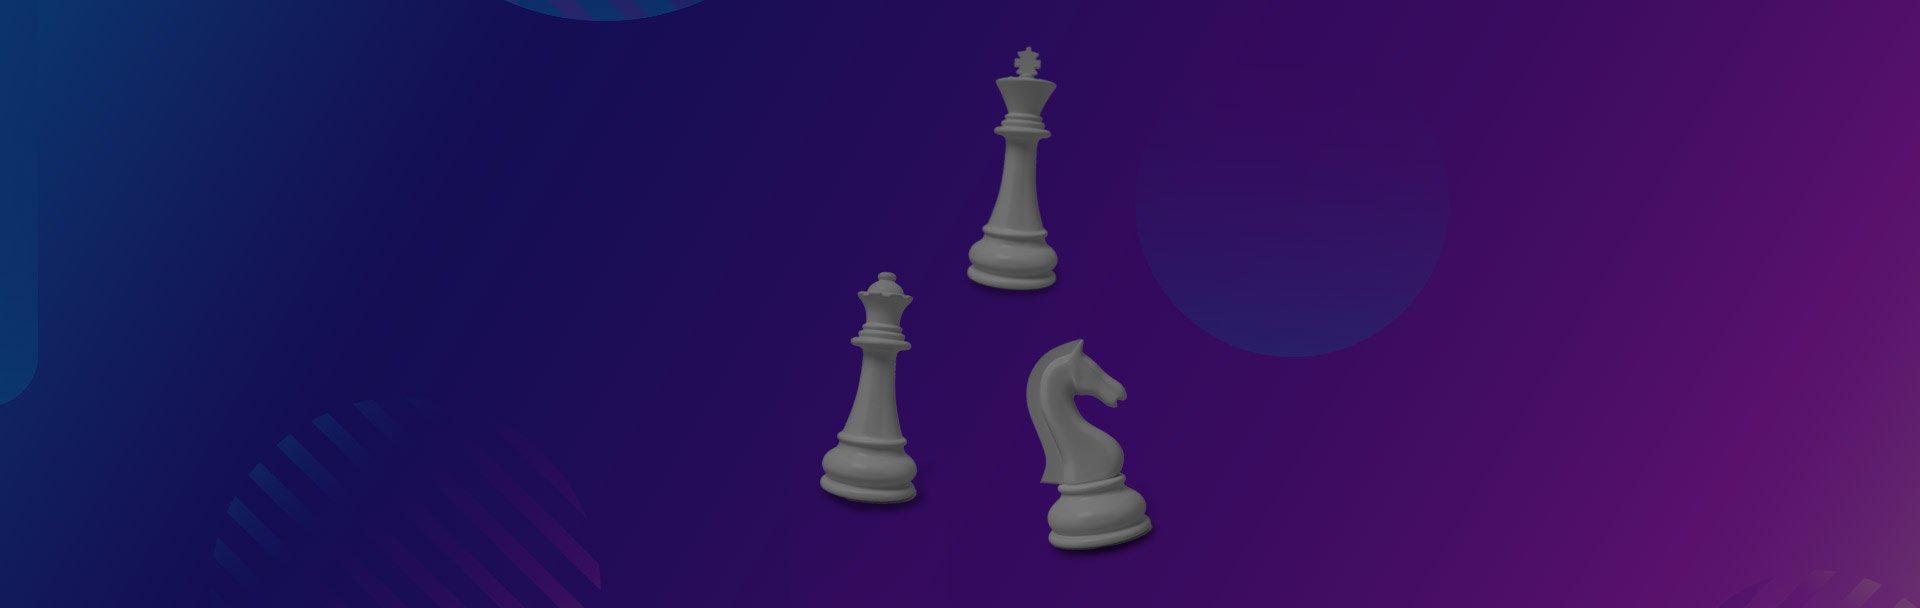 Blog-solucionweb-el-mundo-digital-manda-factores-para-crear-una-estrategia-digital-efectiva-dos